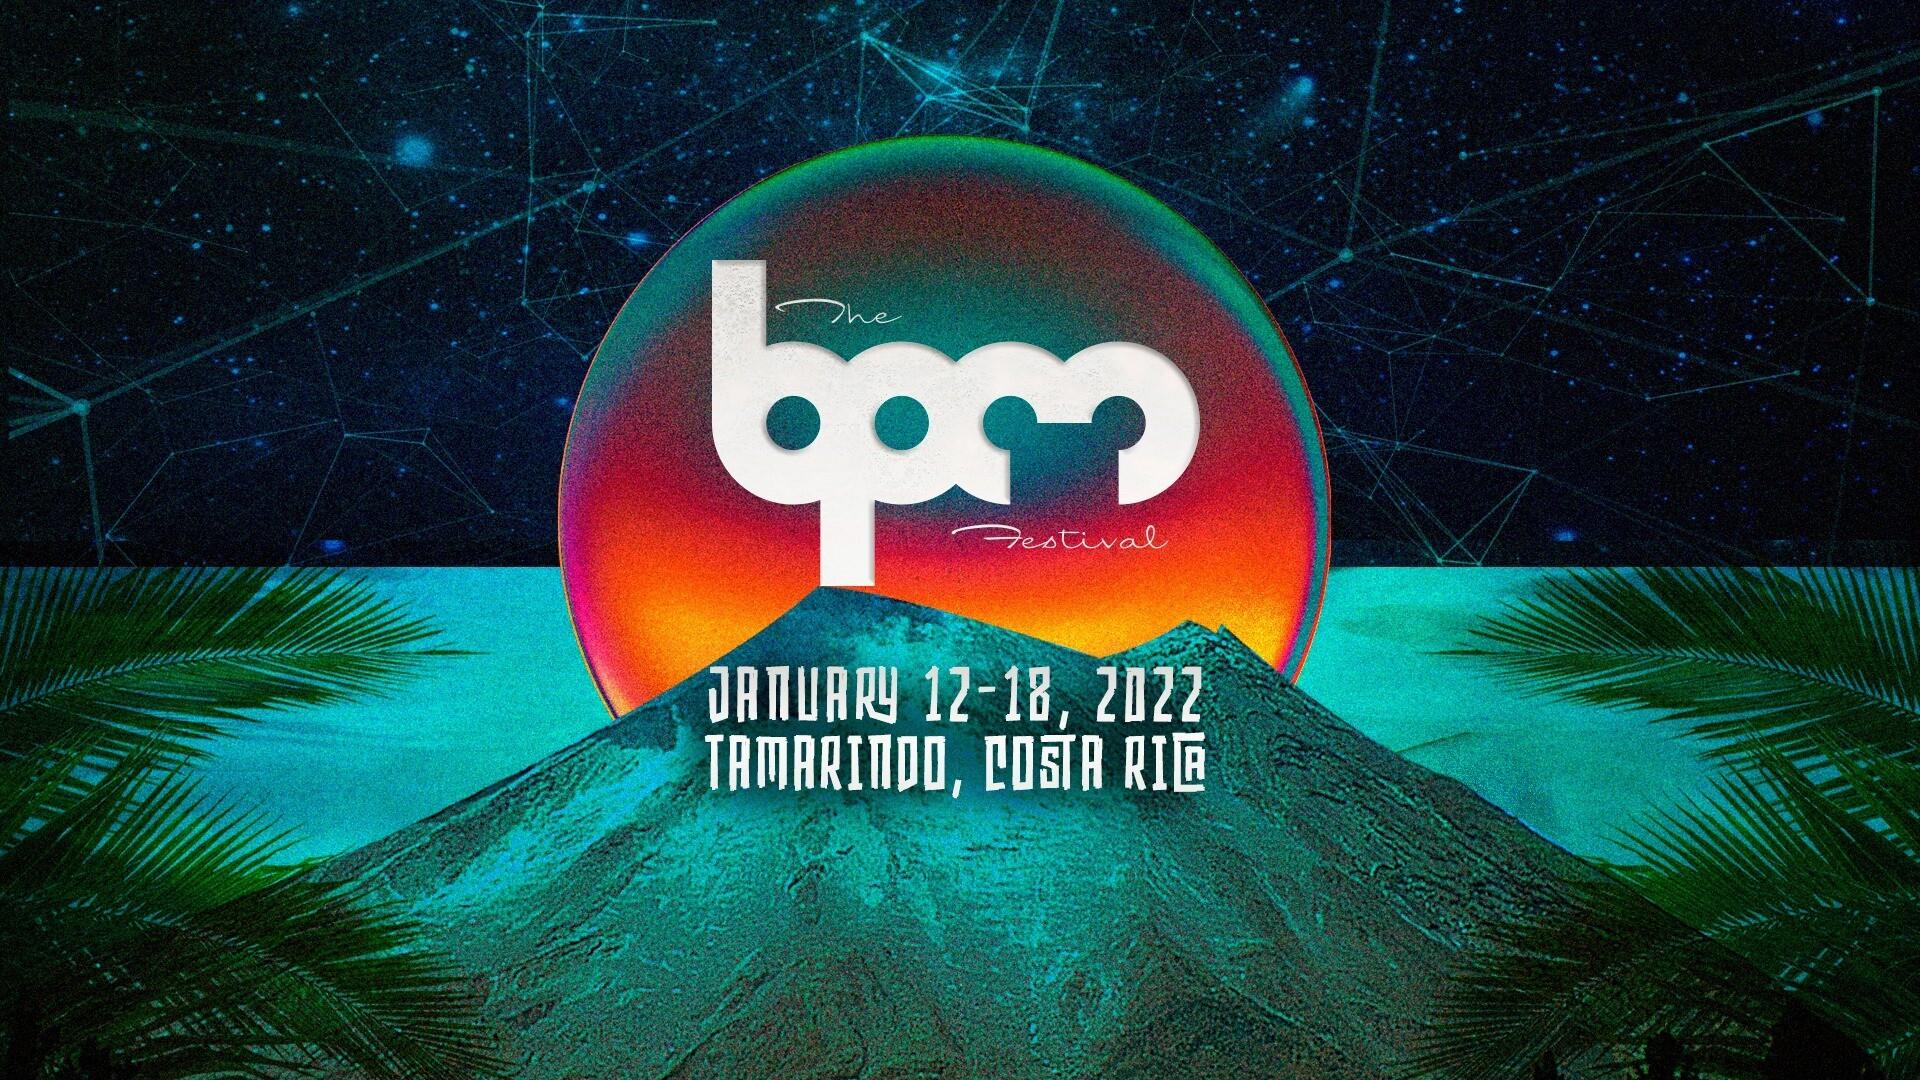 海外ビッグフェス「BPM Festival」と「Governors Ball」が新型コロナのため開催延期を発表、BPMは2022年1月、Governors Ball は2021年9月に